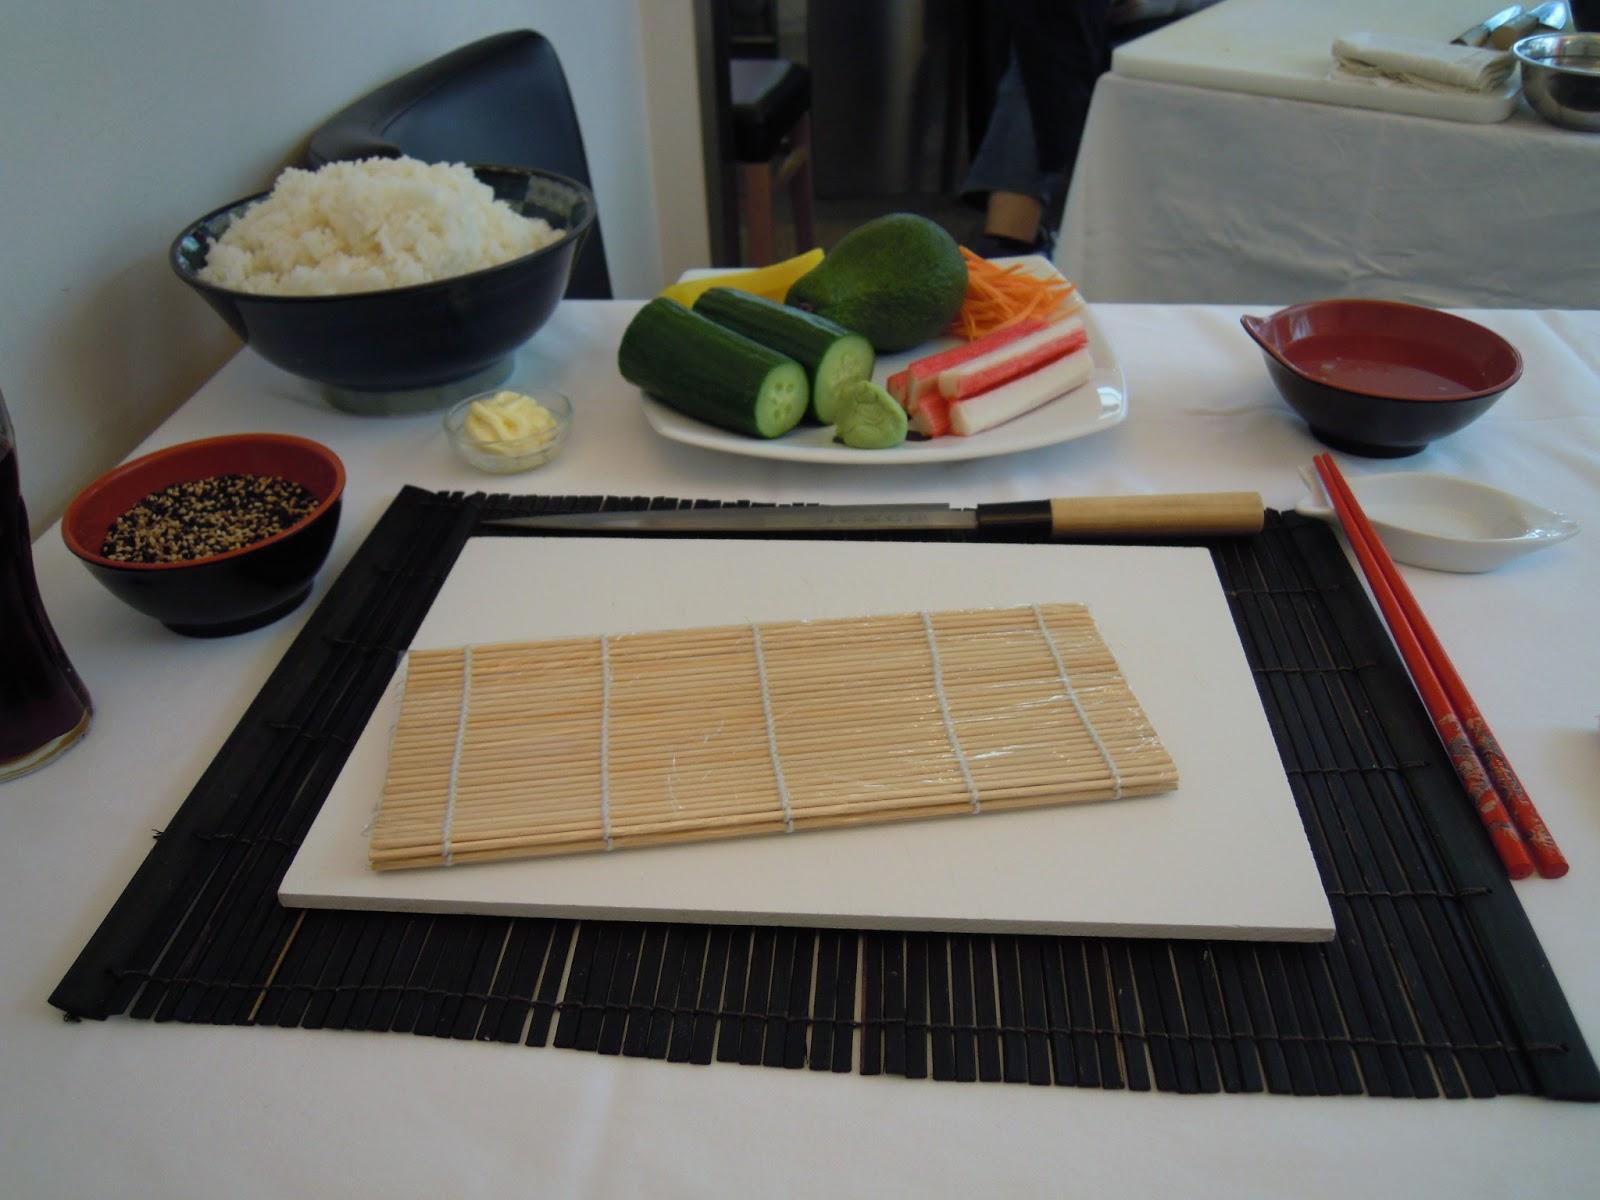 jessi entdeckt wie man sushi zubereitet fernweh und so. Black Bedroom Furniture Sets. Home Design Ideas